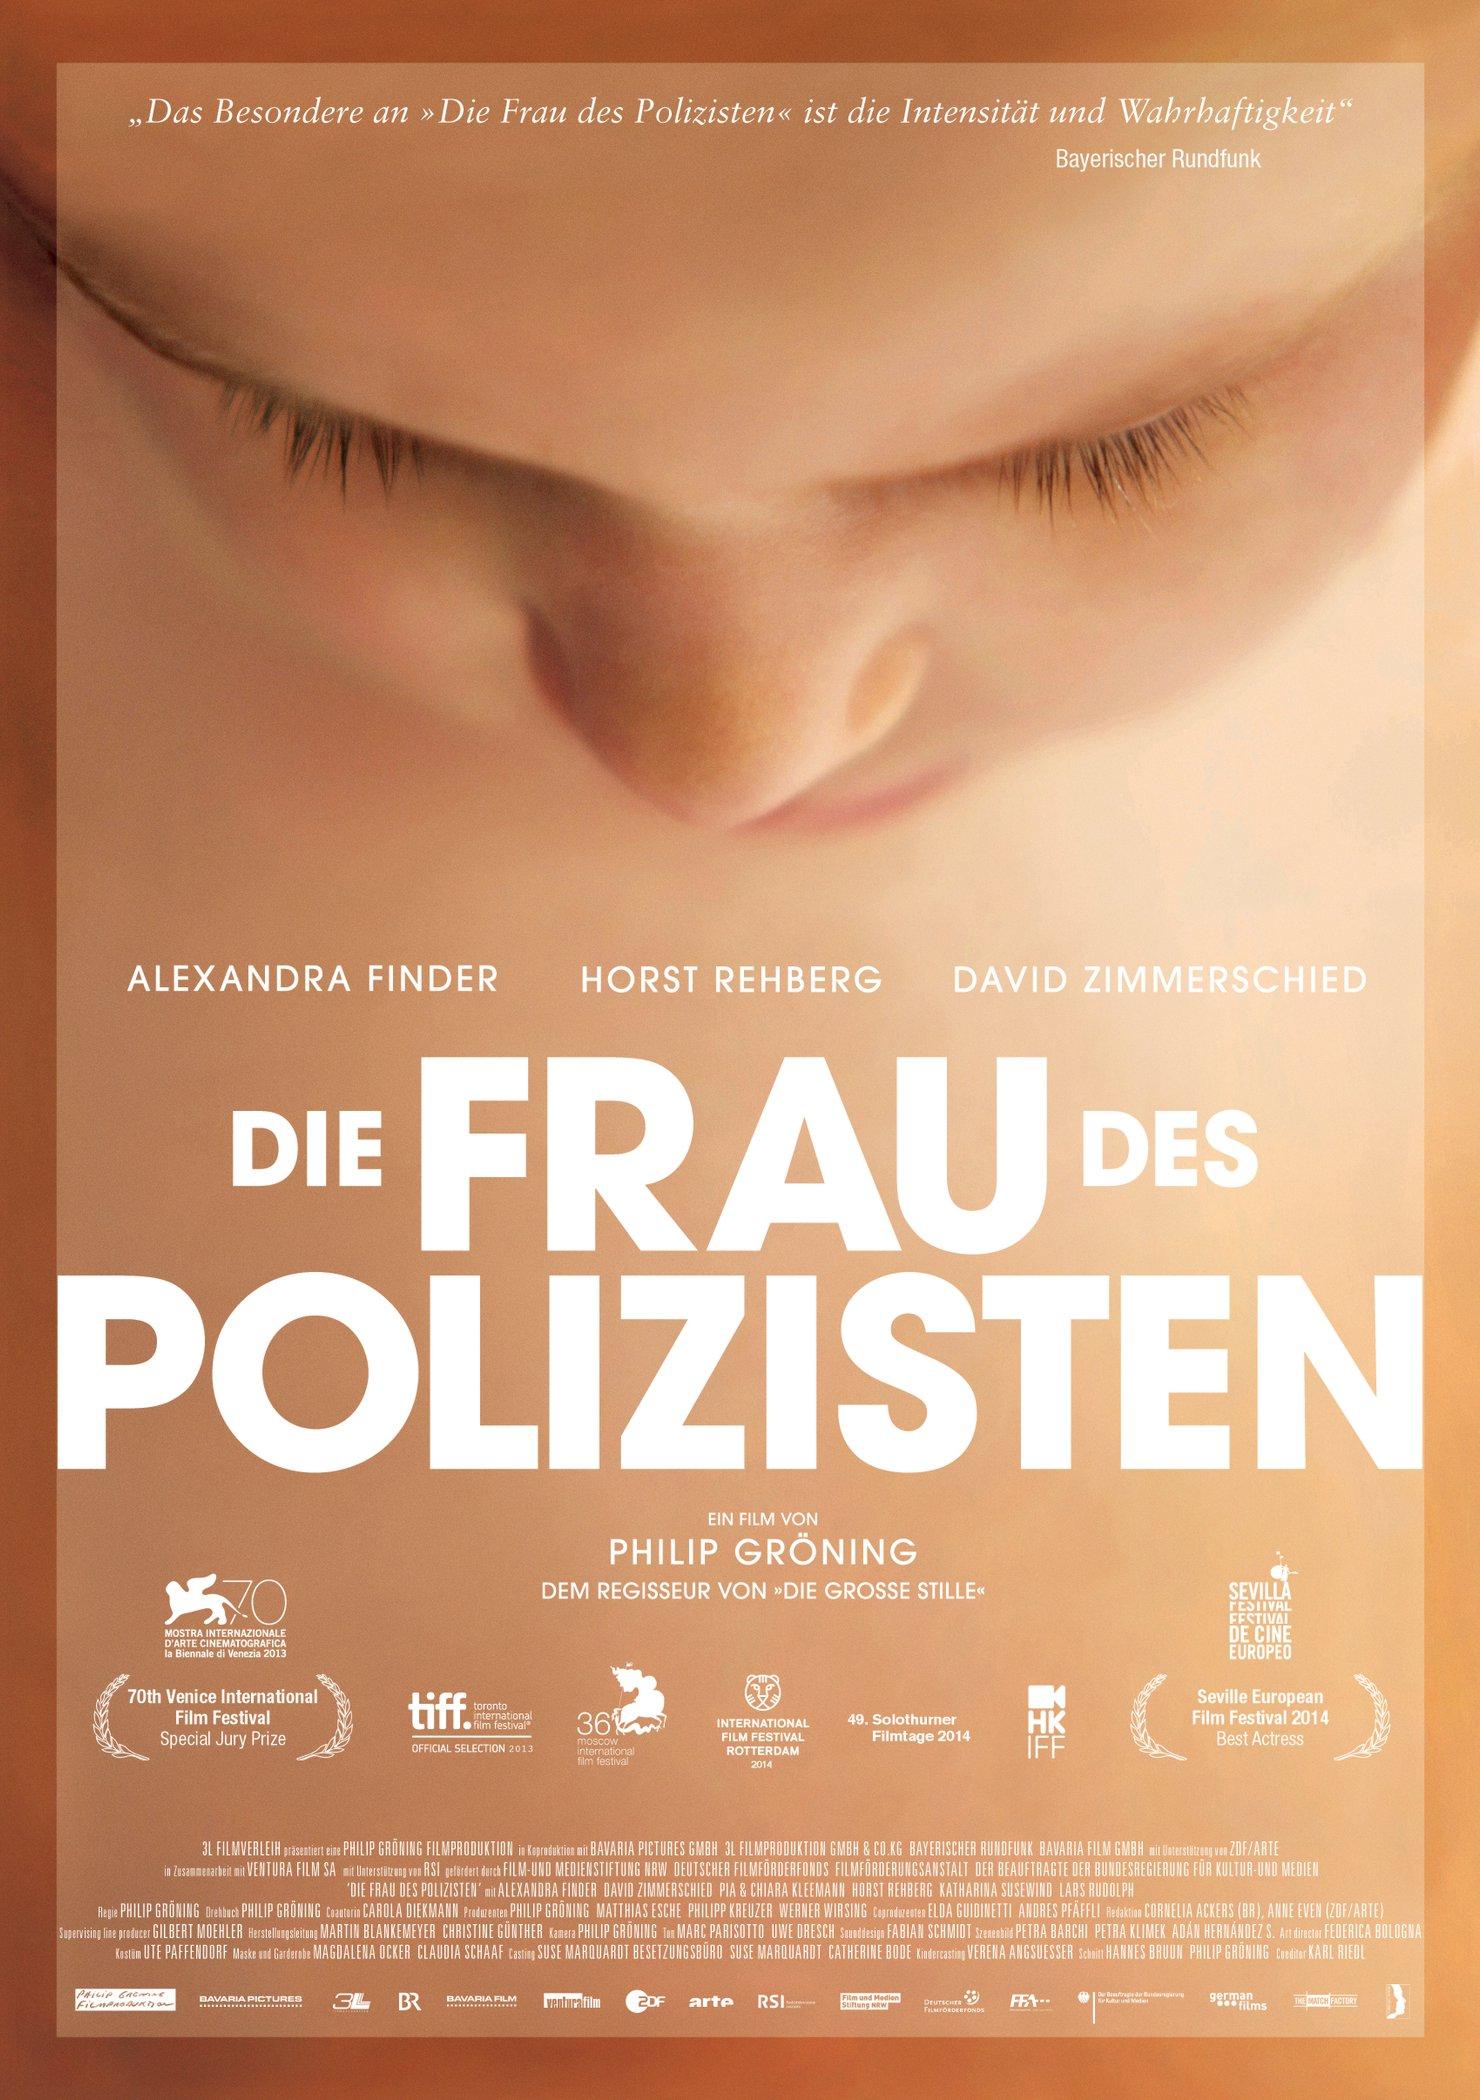 Die Frau des Polizisten (Poster)